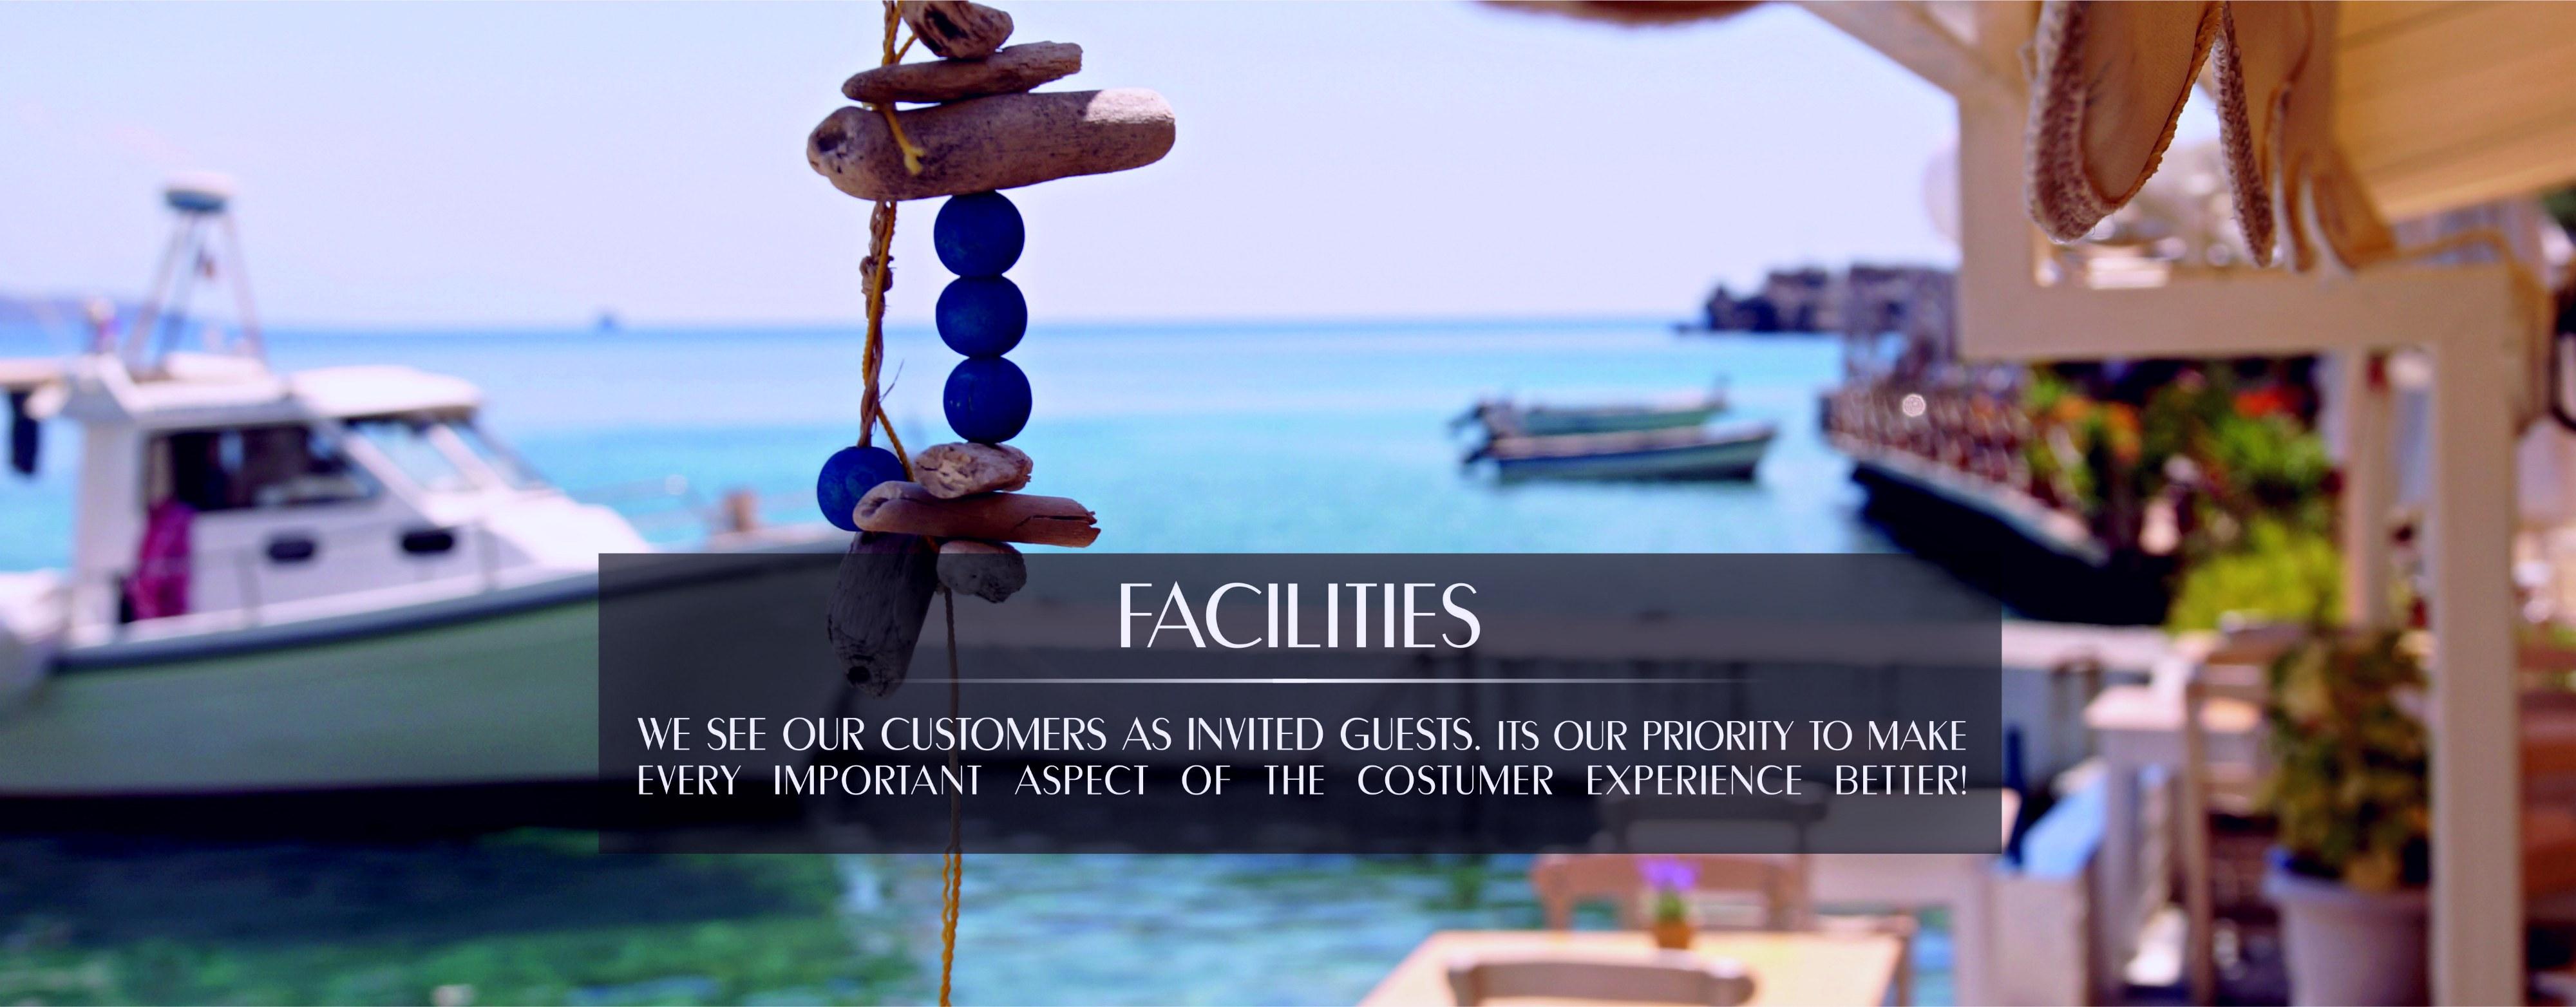 facilities_626kb'_wallpaper